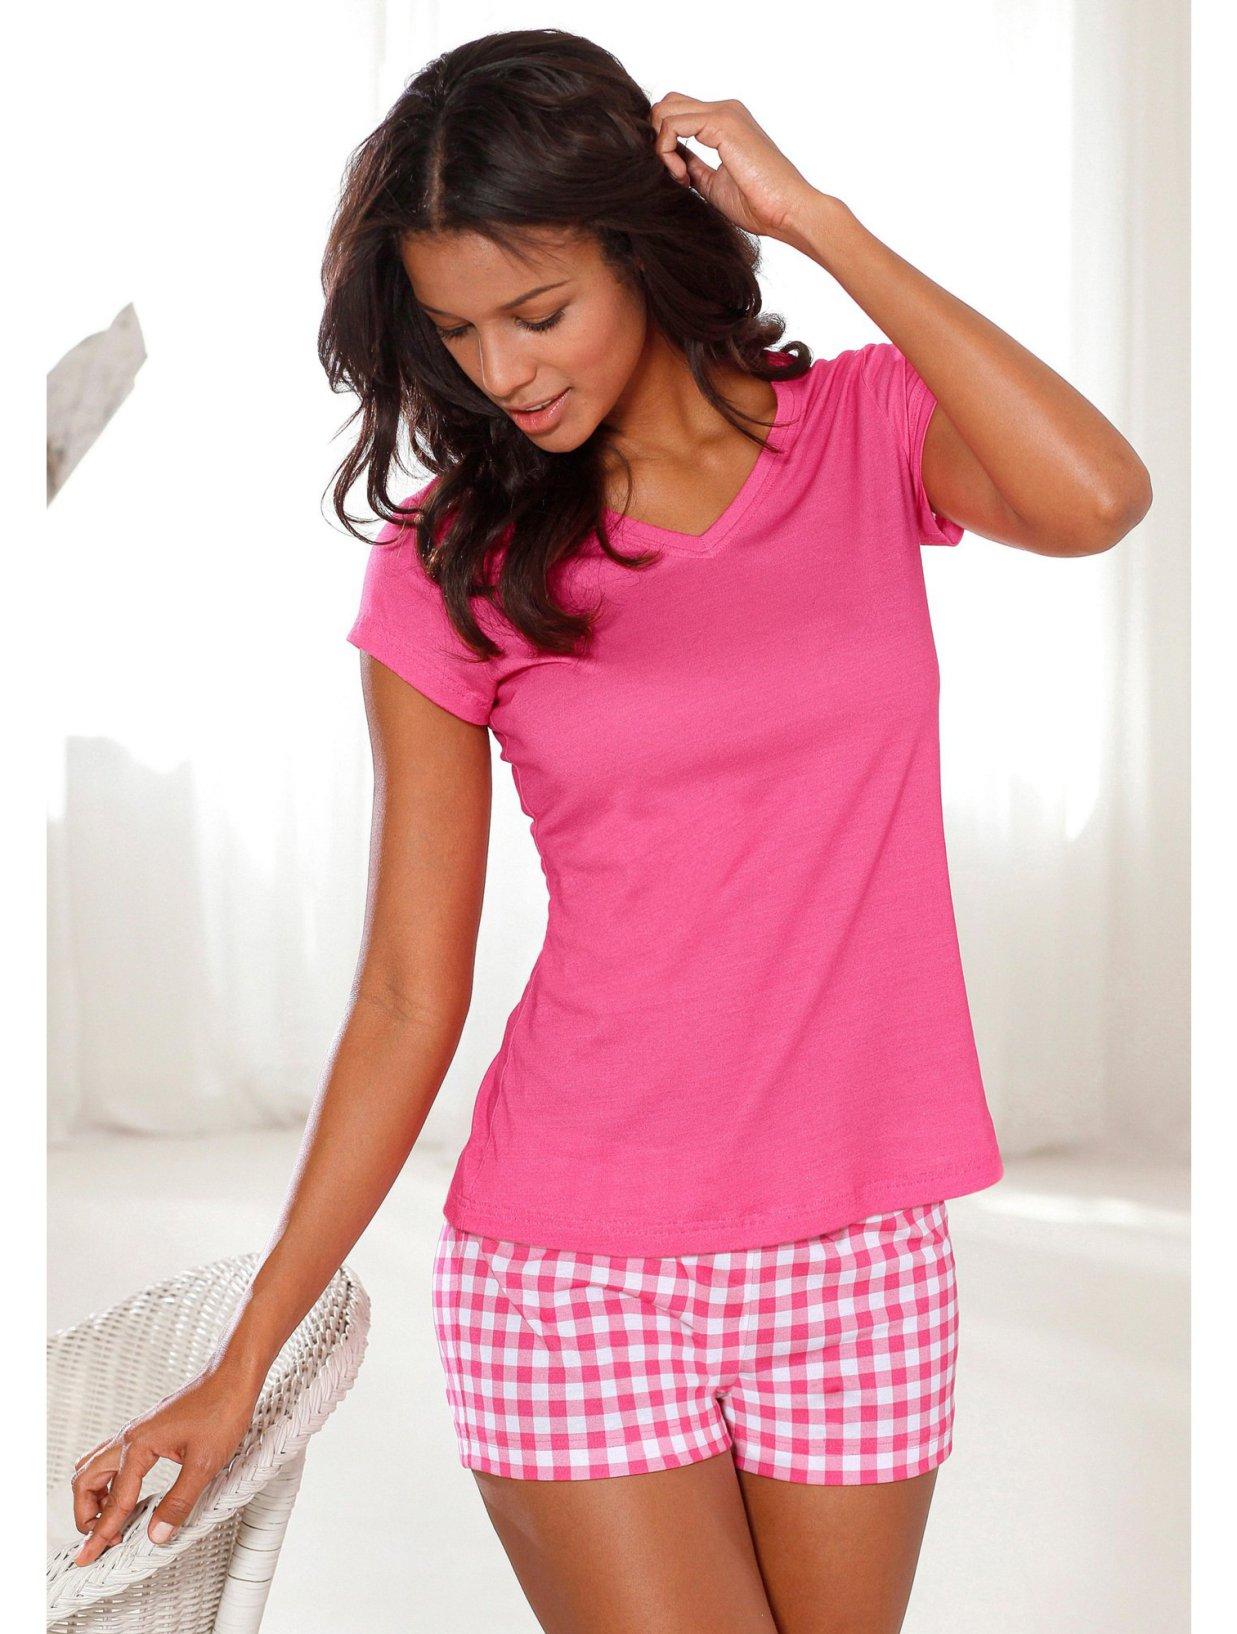 pyjama femme bien choisir son v tement de nuit pour un sommeil r par et apais. Black Bedroom Furniture Sets. Home Design Ideas